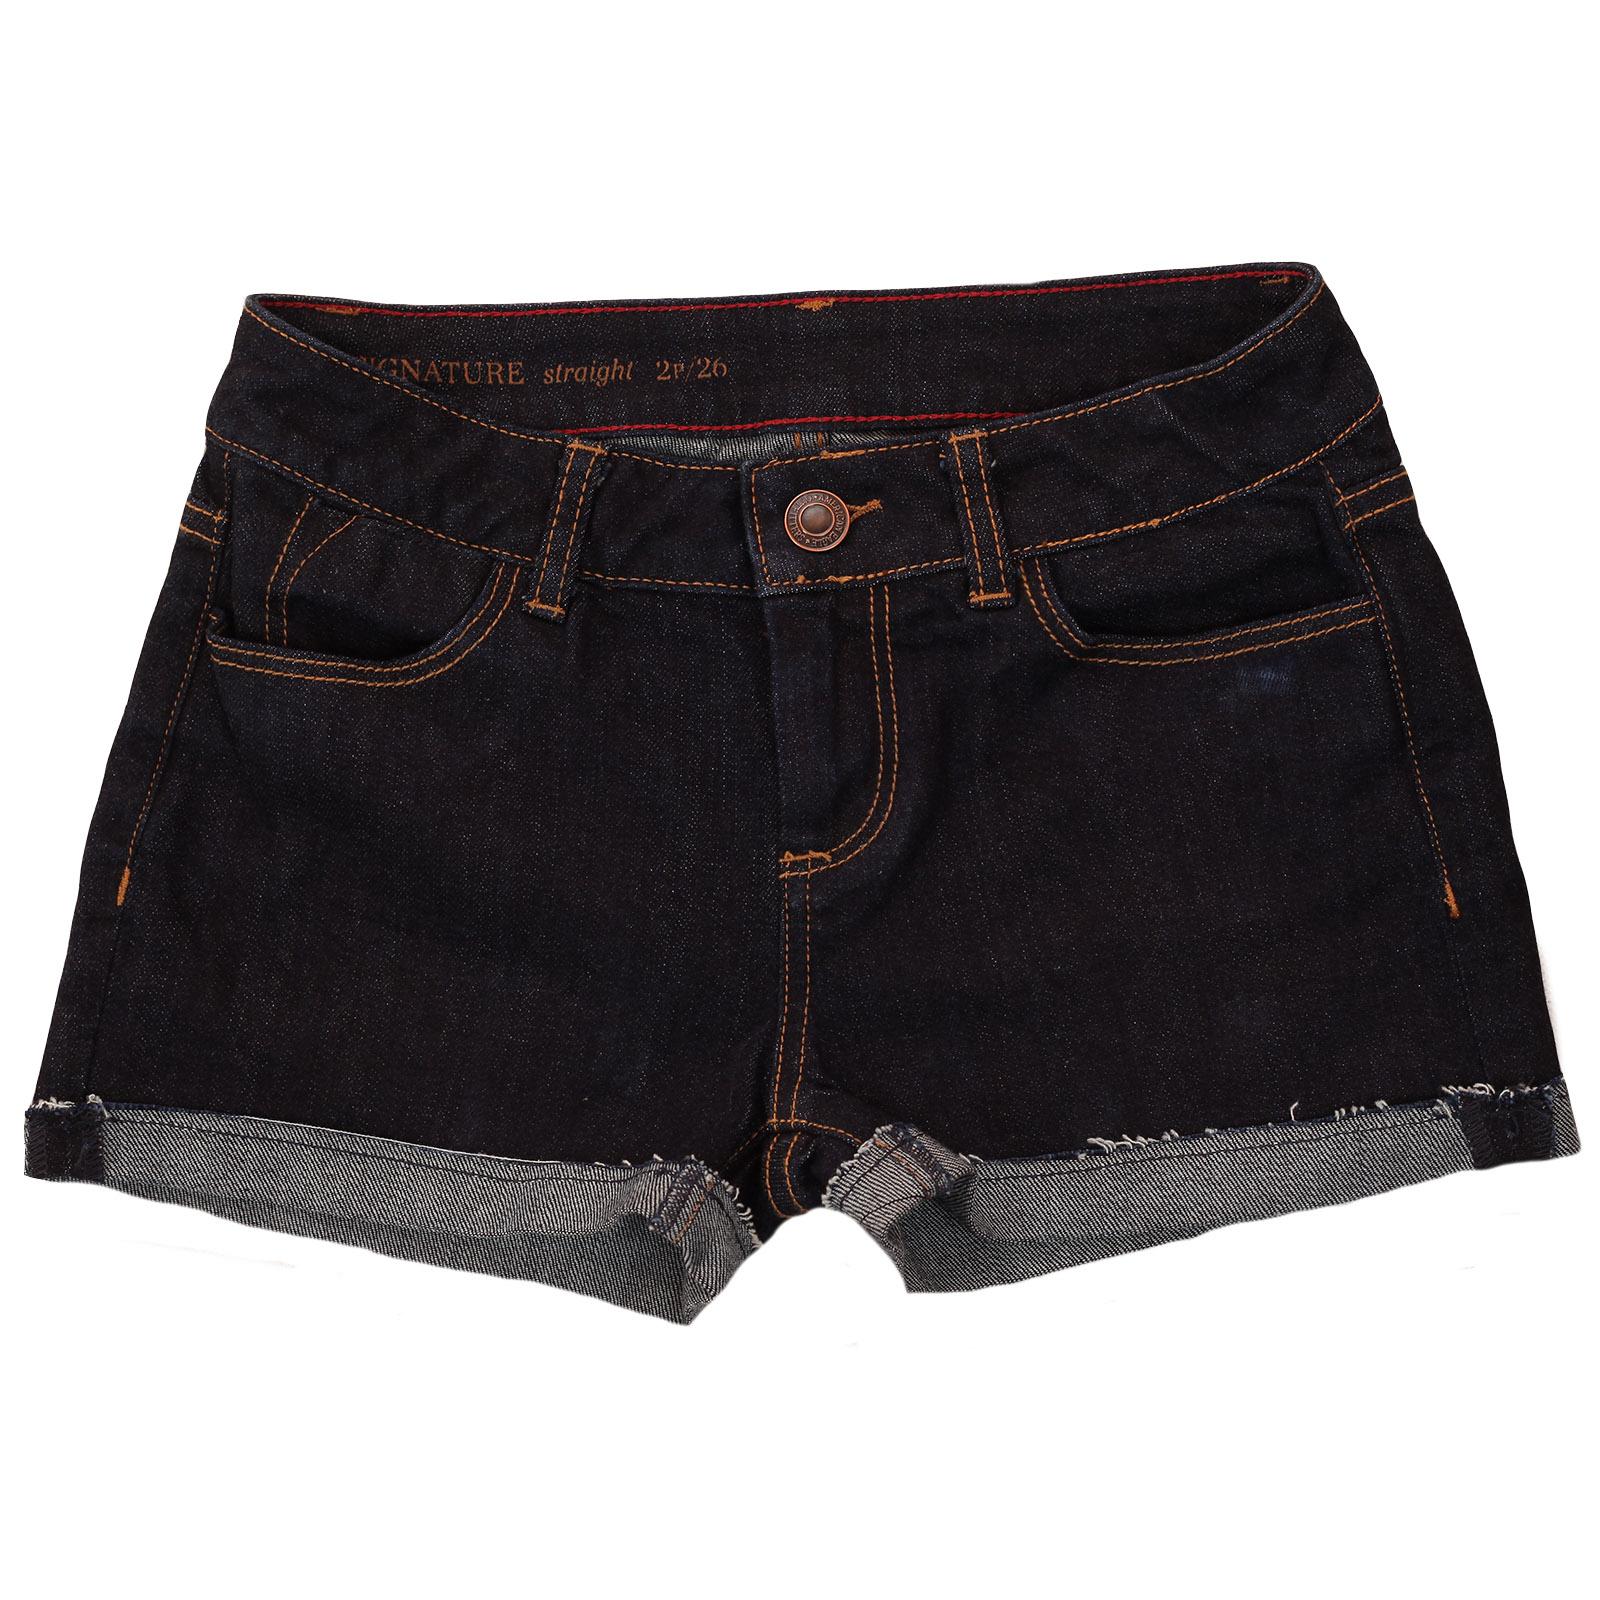 Чёрные женские джинсовые шорты American Eagle. С кедами – хулиганка, на каблучках – секси куртизанка. Размеры до XXL